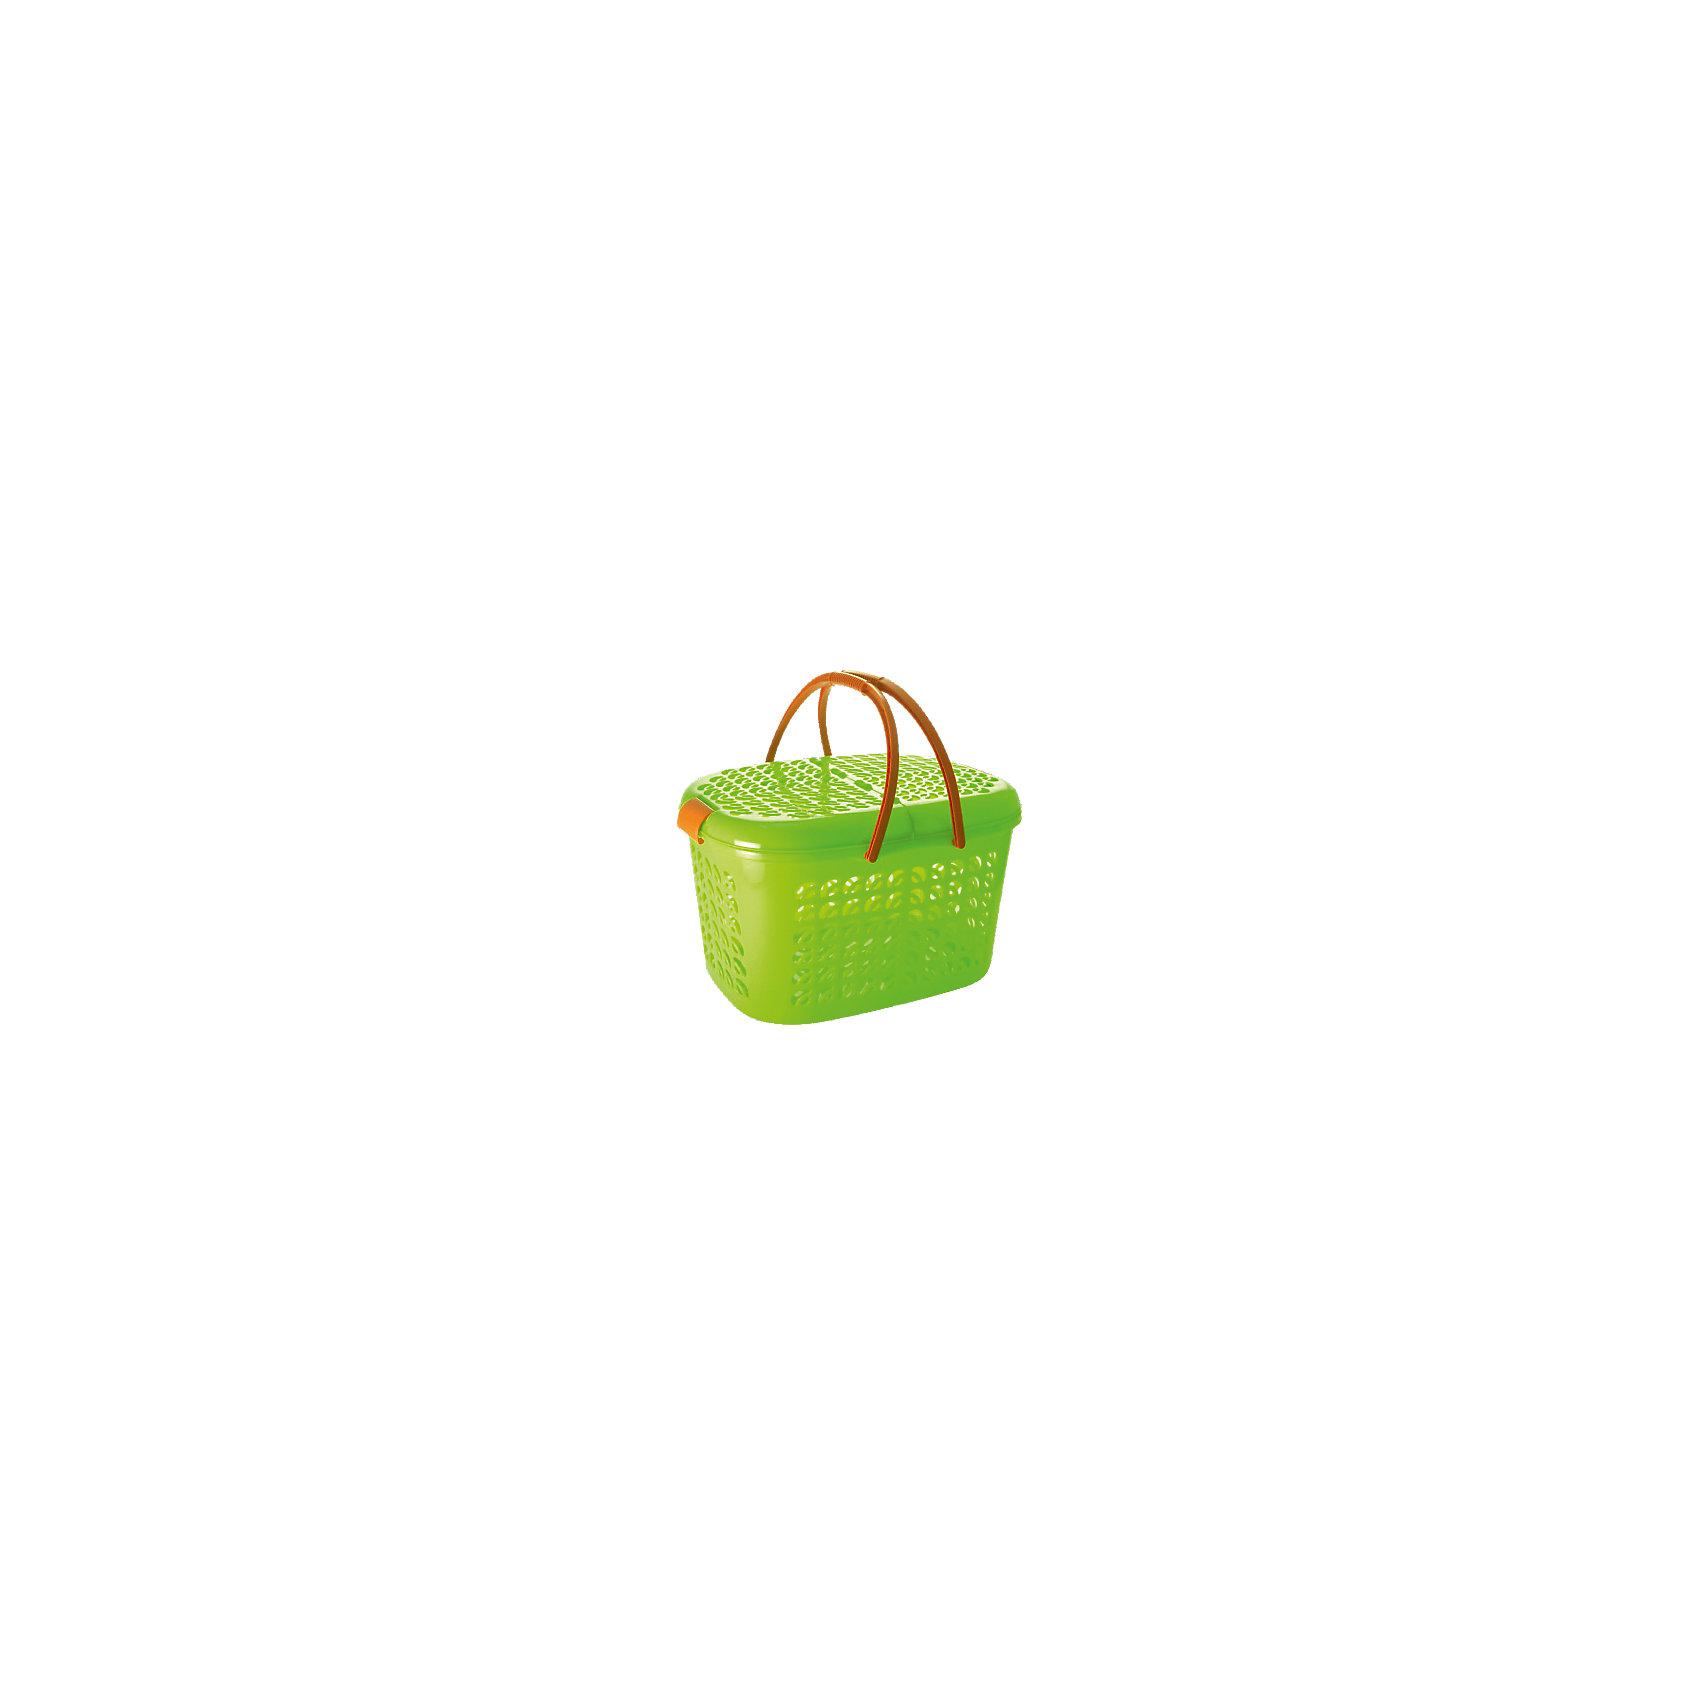 Корзина-переноска большая, Plastic CentreВ дорогу<br>Корзина-переноска большая, PlasticCentre<br><br>Характеристики:<br><br>• Материал: пластик<br>• Цвет: зеленый<br>• В комплекте: 1 штука<br>• Размер: 51х34х27 см<br><br>Эта очаровательная корзина-переноска многофункциональна и может помочь вам в самых разных ситуациях. Ее можно использовать для хранения продуктов,  детских игрушек или же для переноски животных. Крышка и стенки изделия имеют фигурные отверстия, а дно - сплошное. Крышки открываются с двух сторон.<br><br>Корзина-переноска большая, PlasticCentre можно купить в нашем интернет-магазине.<br><br>Ширина мм: 510<br>Глубина мм: 345<br>Высота мм: 275<br>Вес г: 1042<br>Возраст от месяцев: 216<br>Возраст до месяцев: 1188<br>Пол: Унисекс<br>Возраст: Детский<br>SKU: 5545703